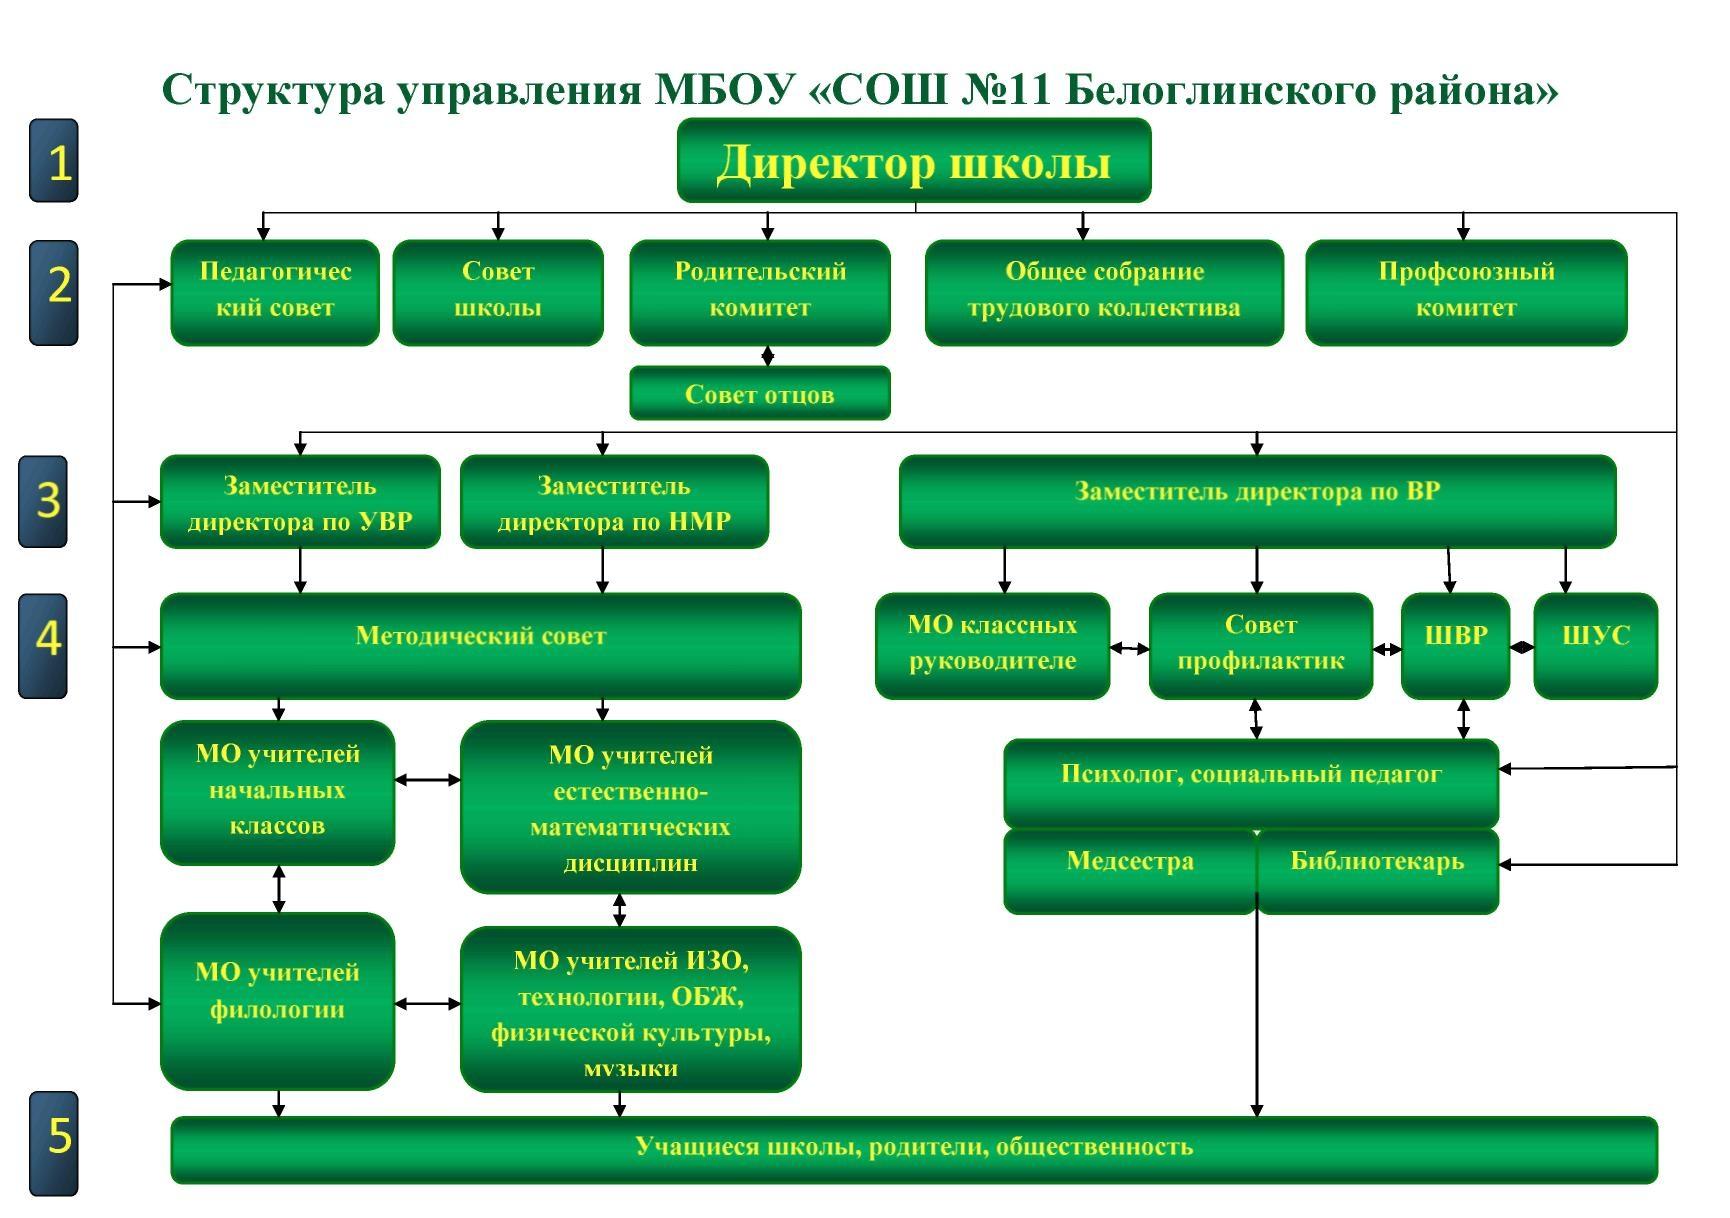 Структура управления МБОУ СОШ №11 Белоглинского района